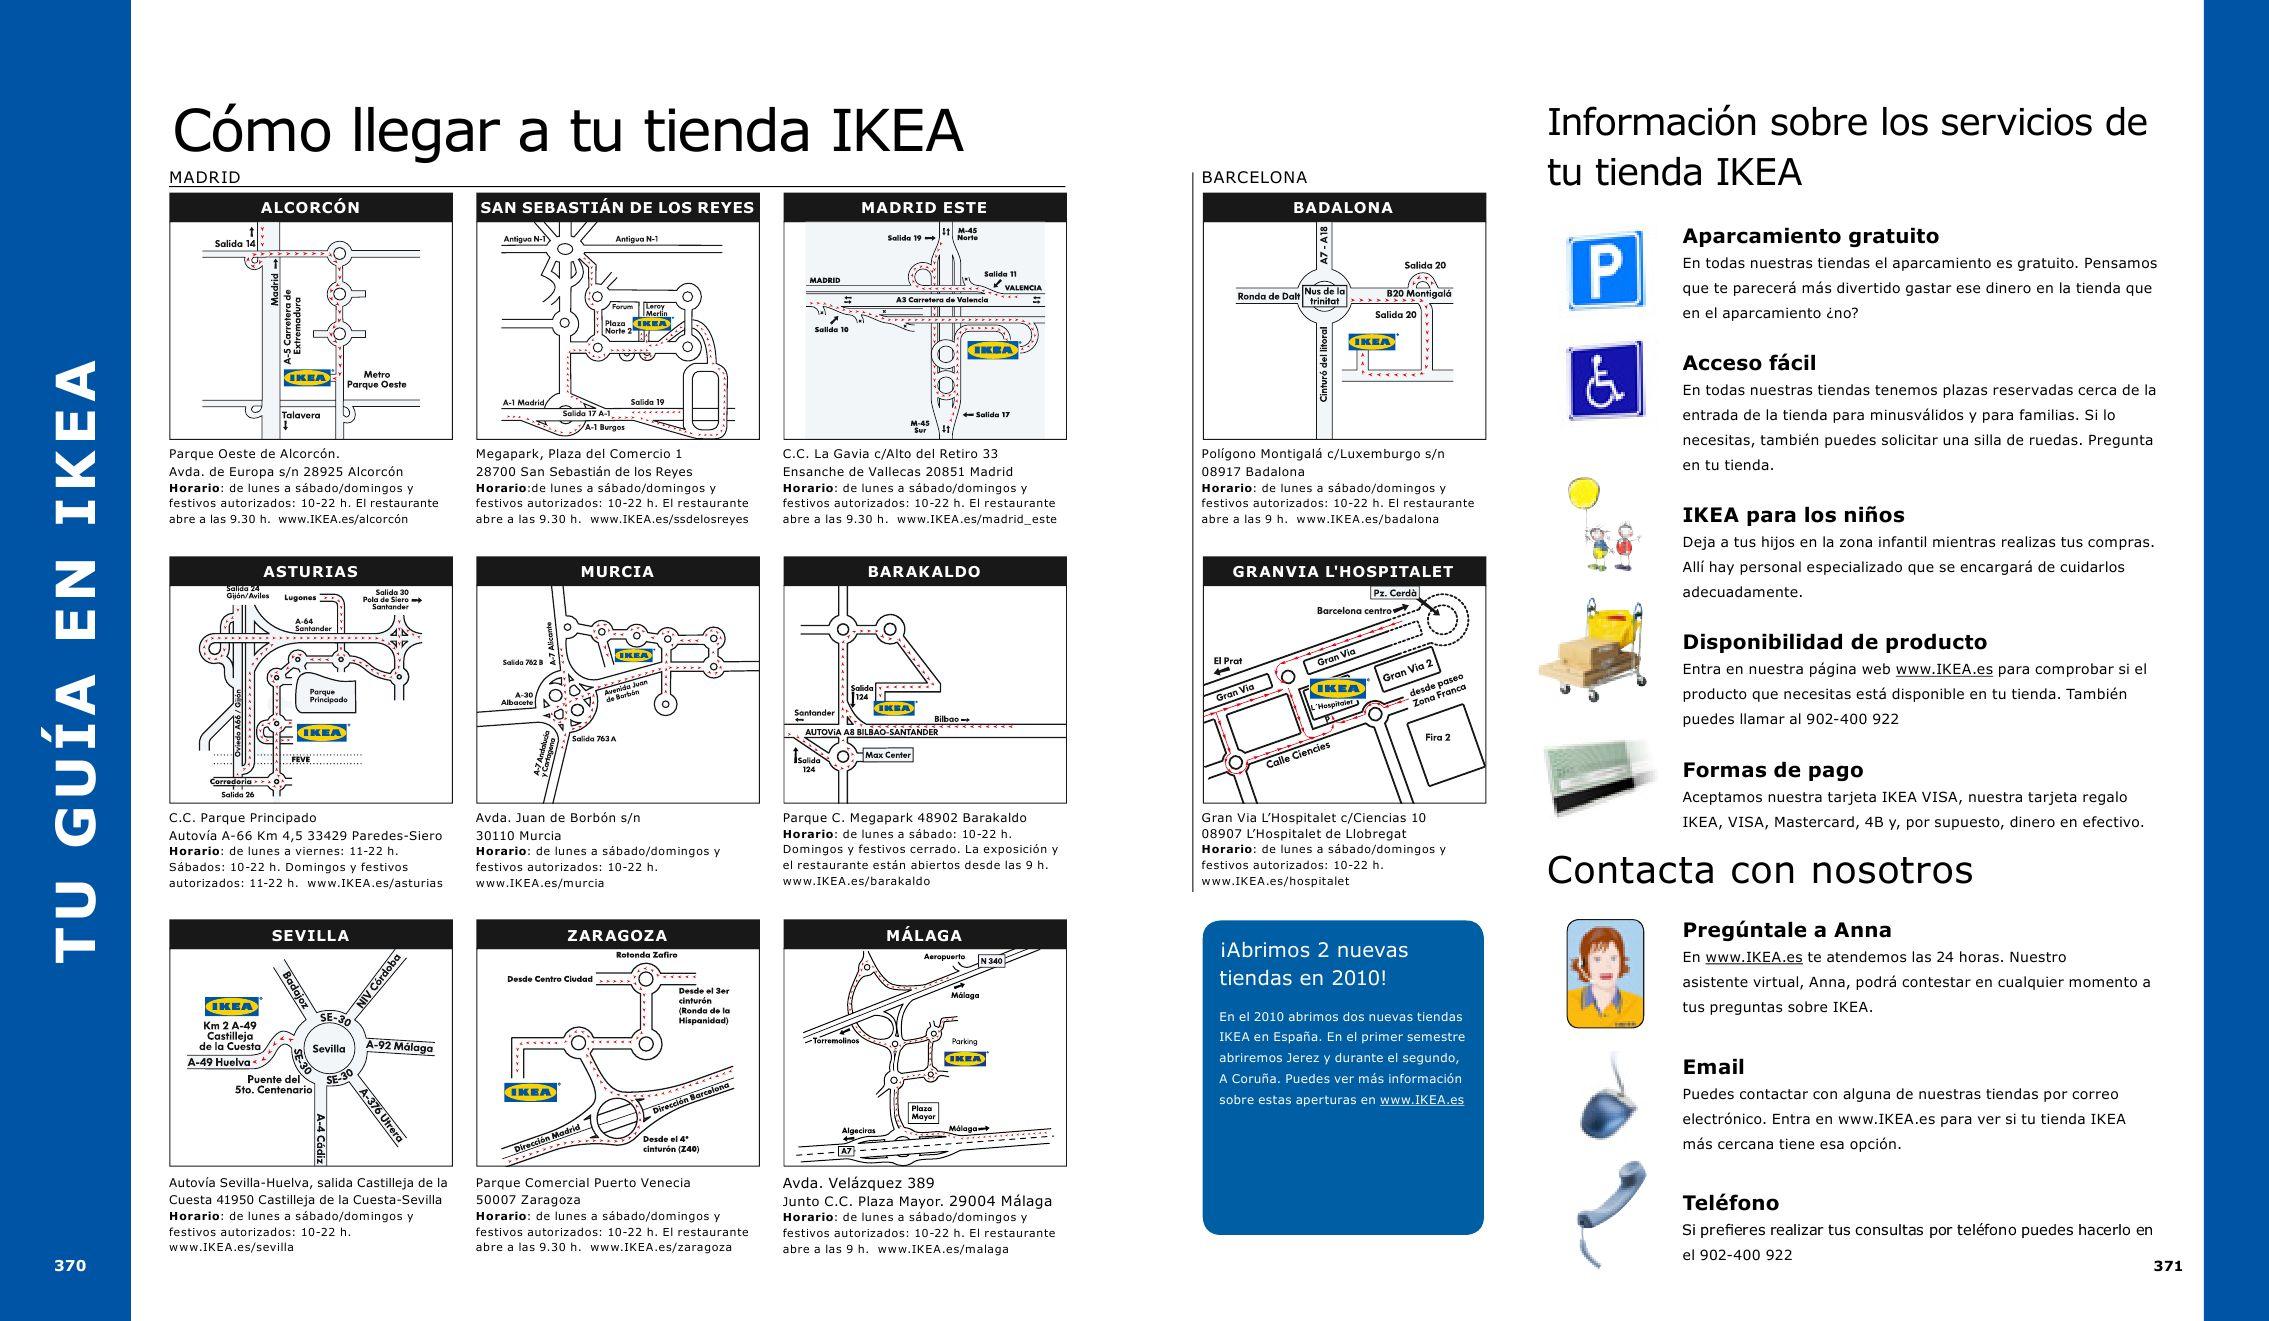 Cat logo ikea 2010 by miguelator issuu - Ikea como llegar ...